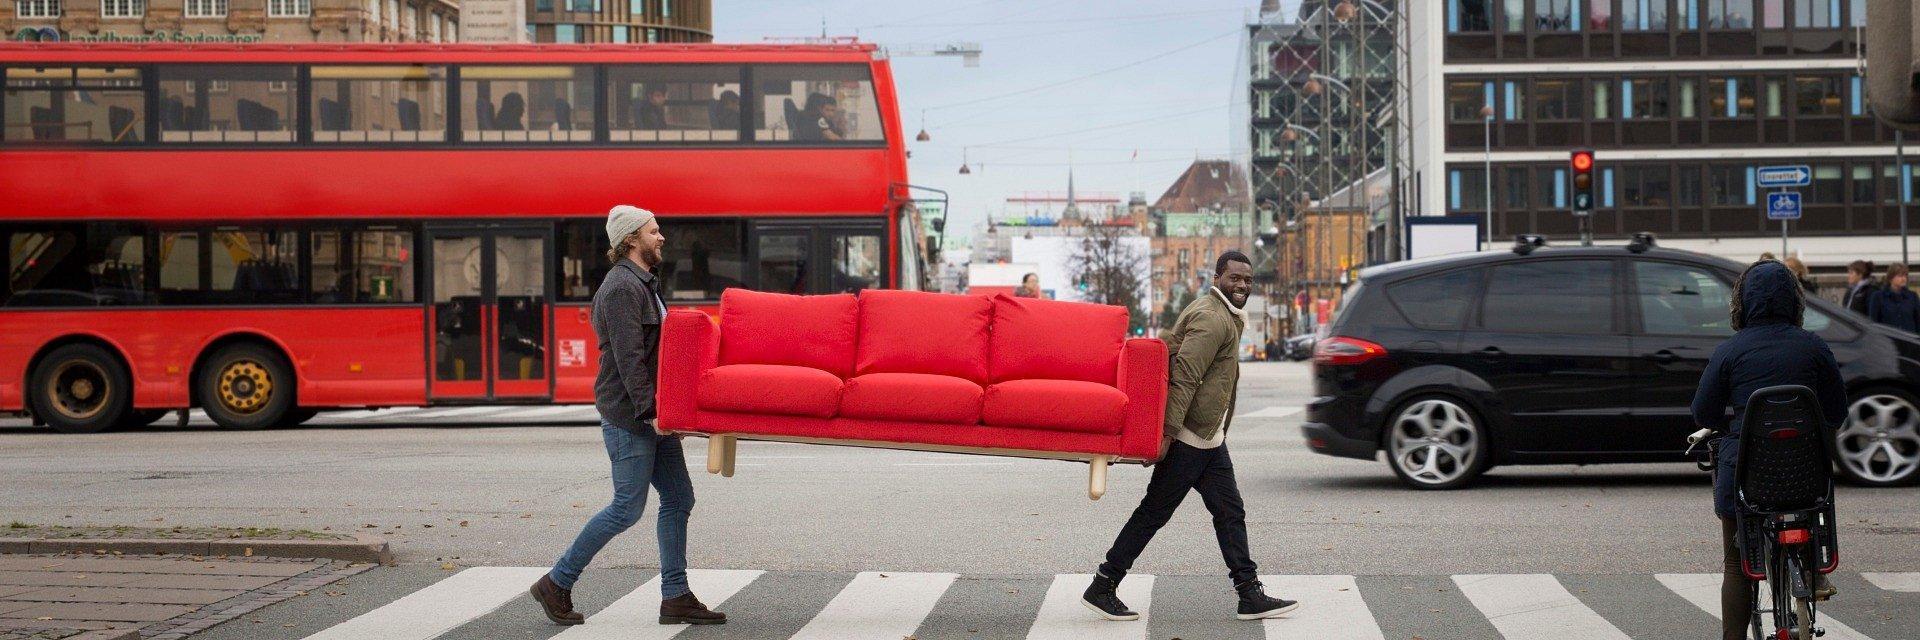 IKEA planuje testowanie usługi leasingu mebli na całym świecie w 2020 roku. W Polsce pierwsze testy rozpoczną się już w tym roku!